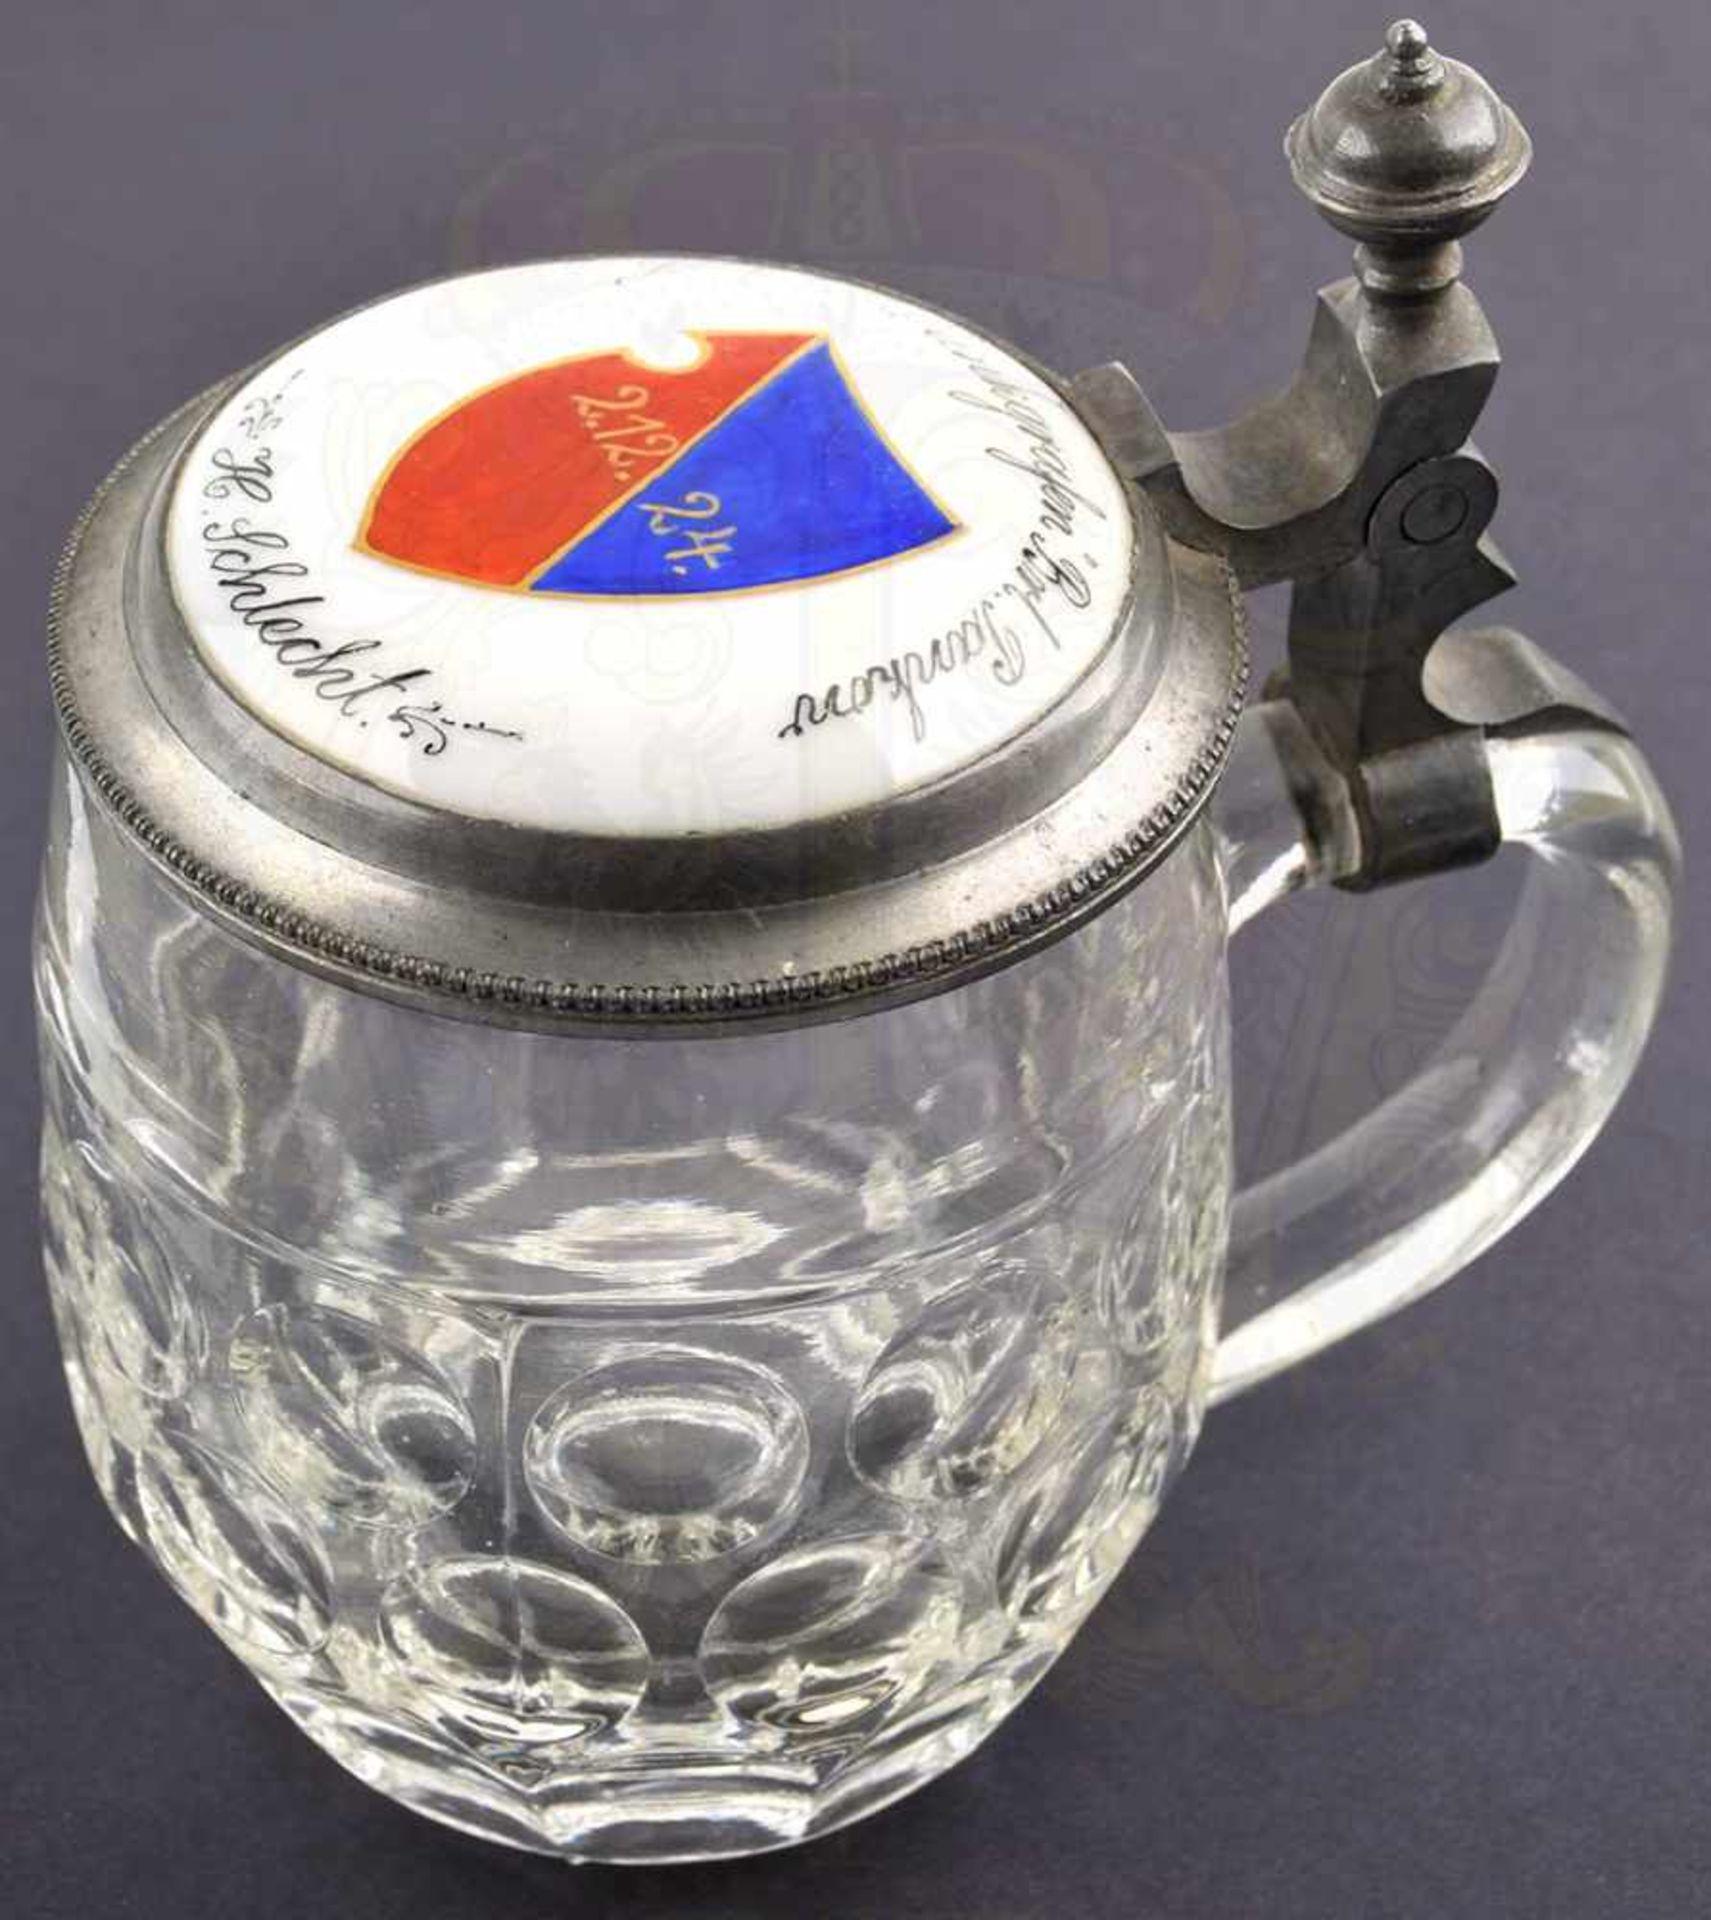 """BIERKRUG PANKGRAFENSCHAFT BERLIN, 1/4 L., Glas mit 2 Reihen """"Bullaugen"""", Boden m. Symbol einer"""